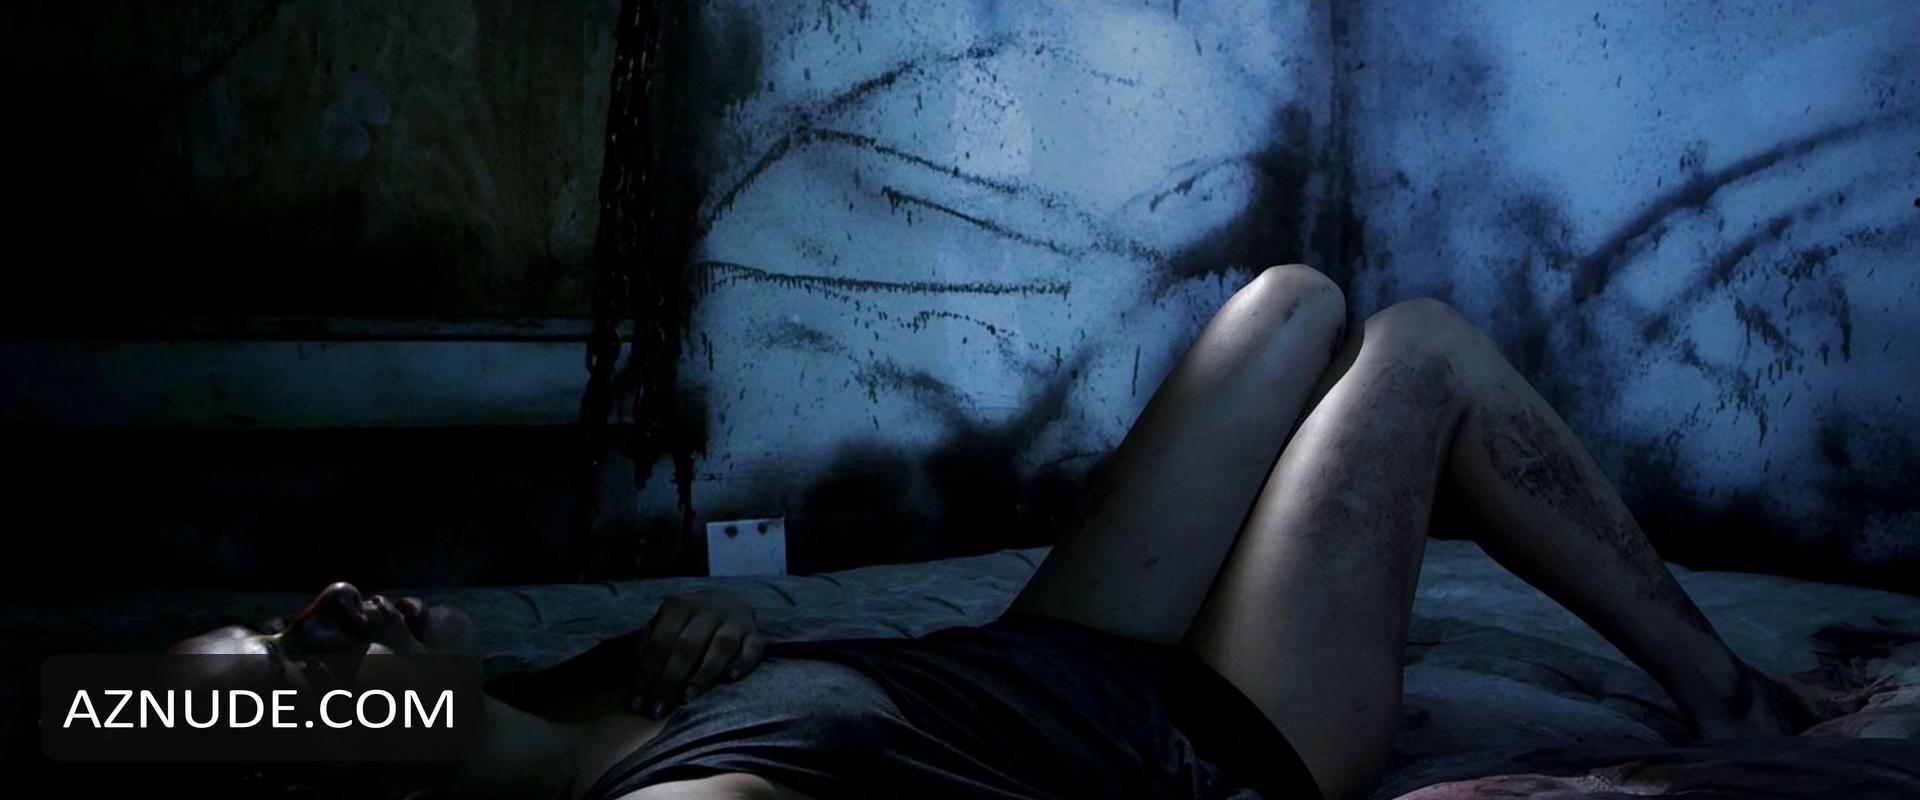 vannessa williams sex tape